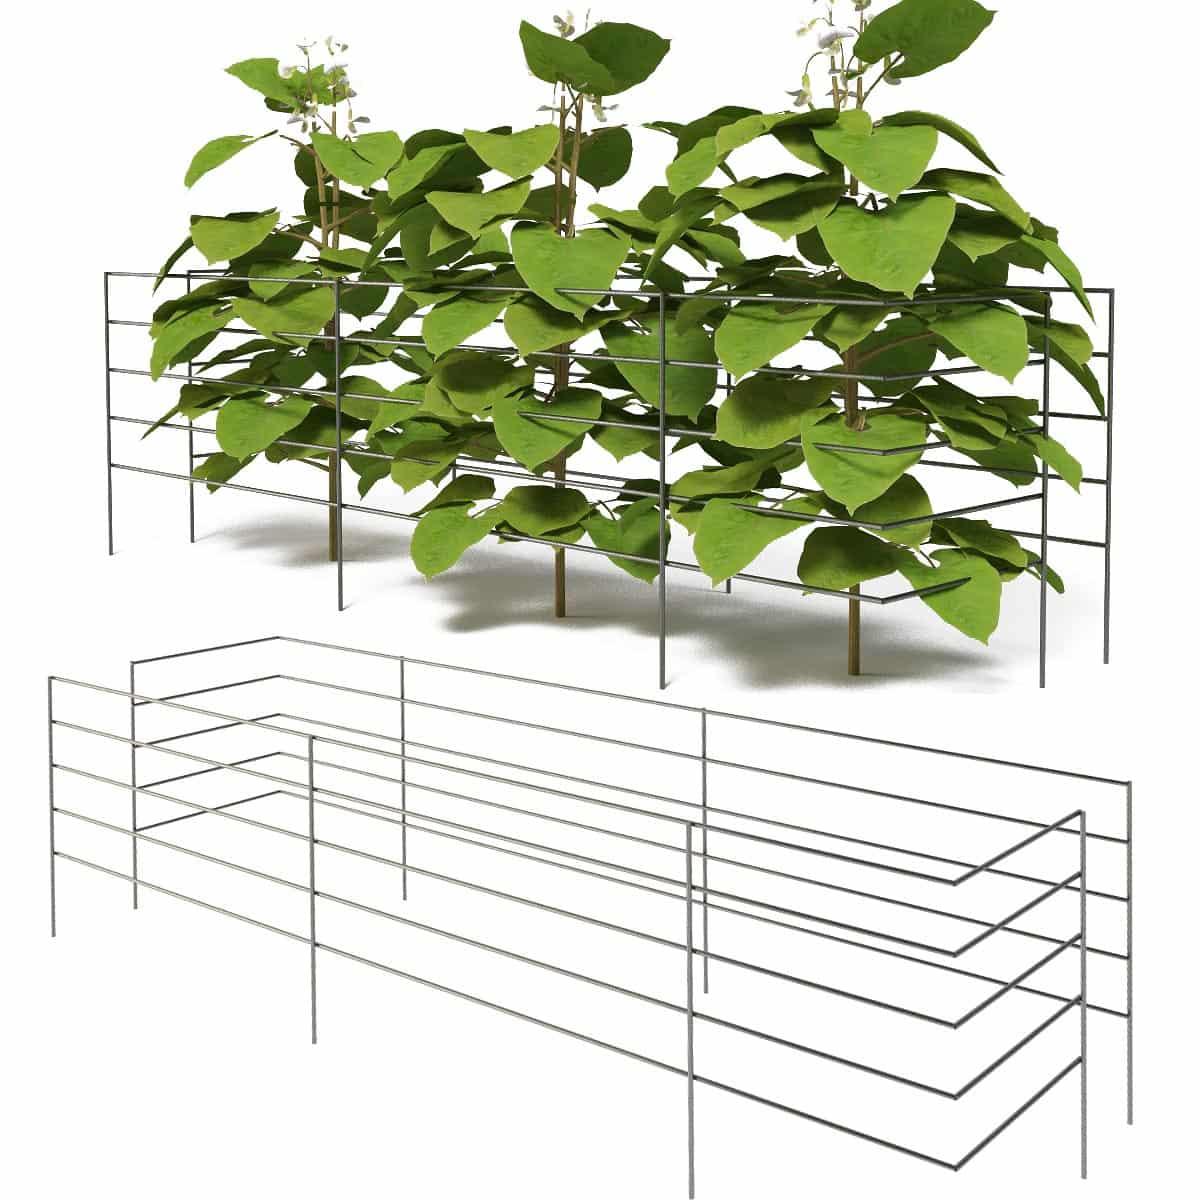 tuteur support 90cm pour haricot lot de 2 tuteurs de jardin. Black Bedroom Furniture Sets. Home Design Ideas